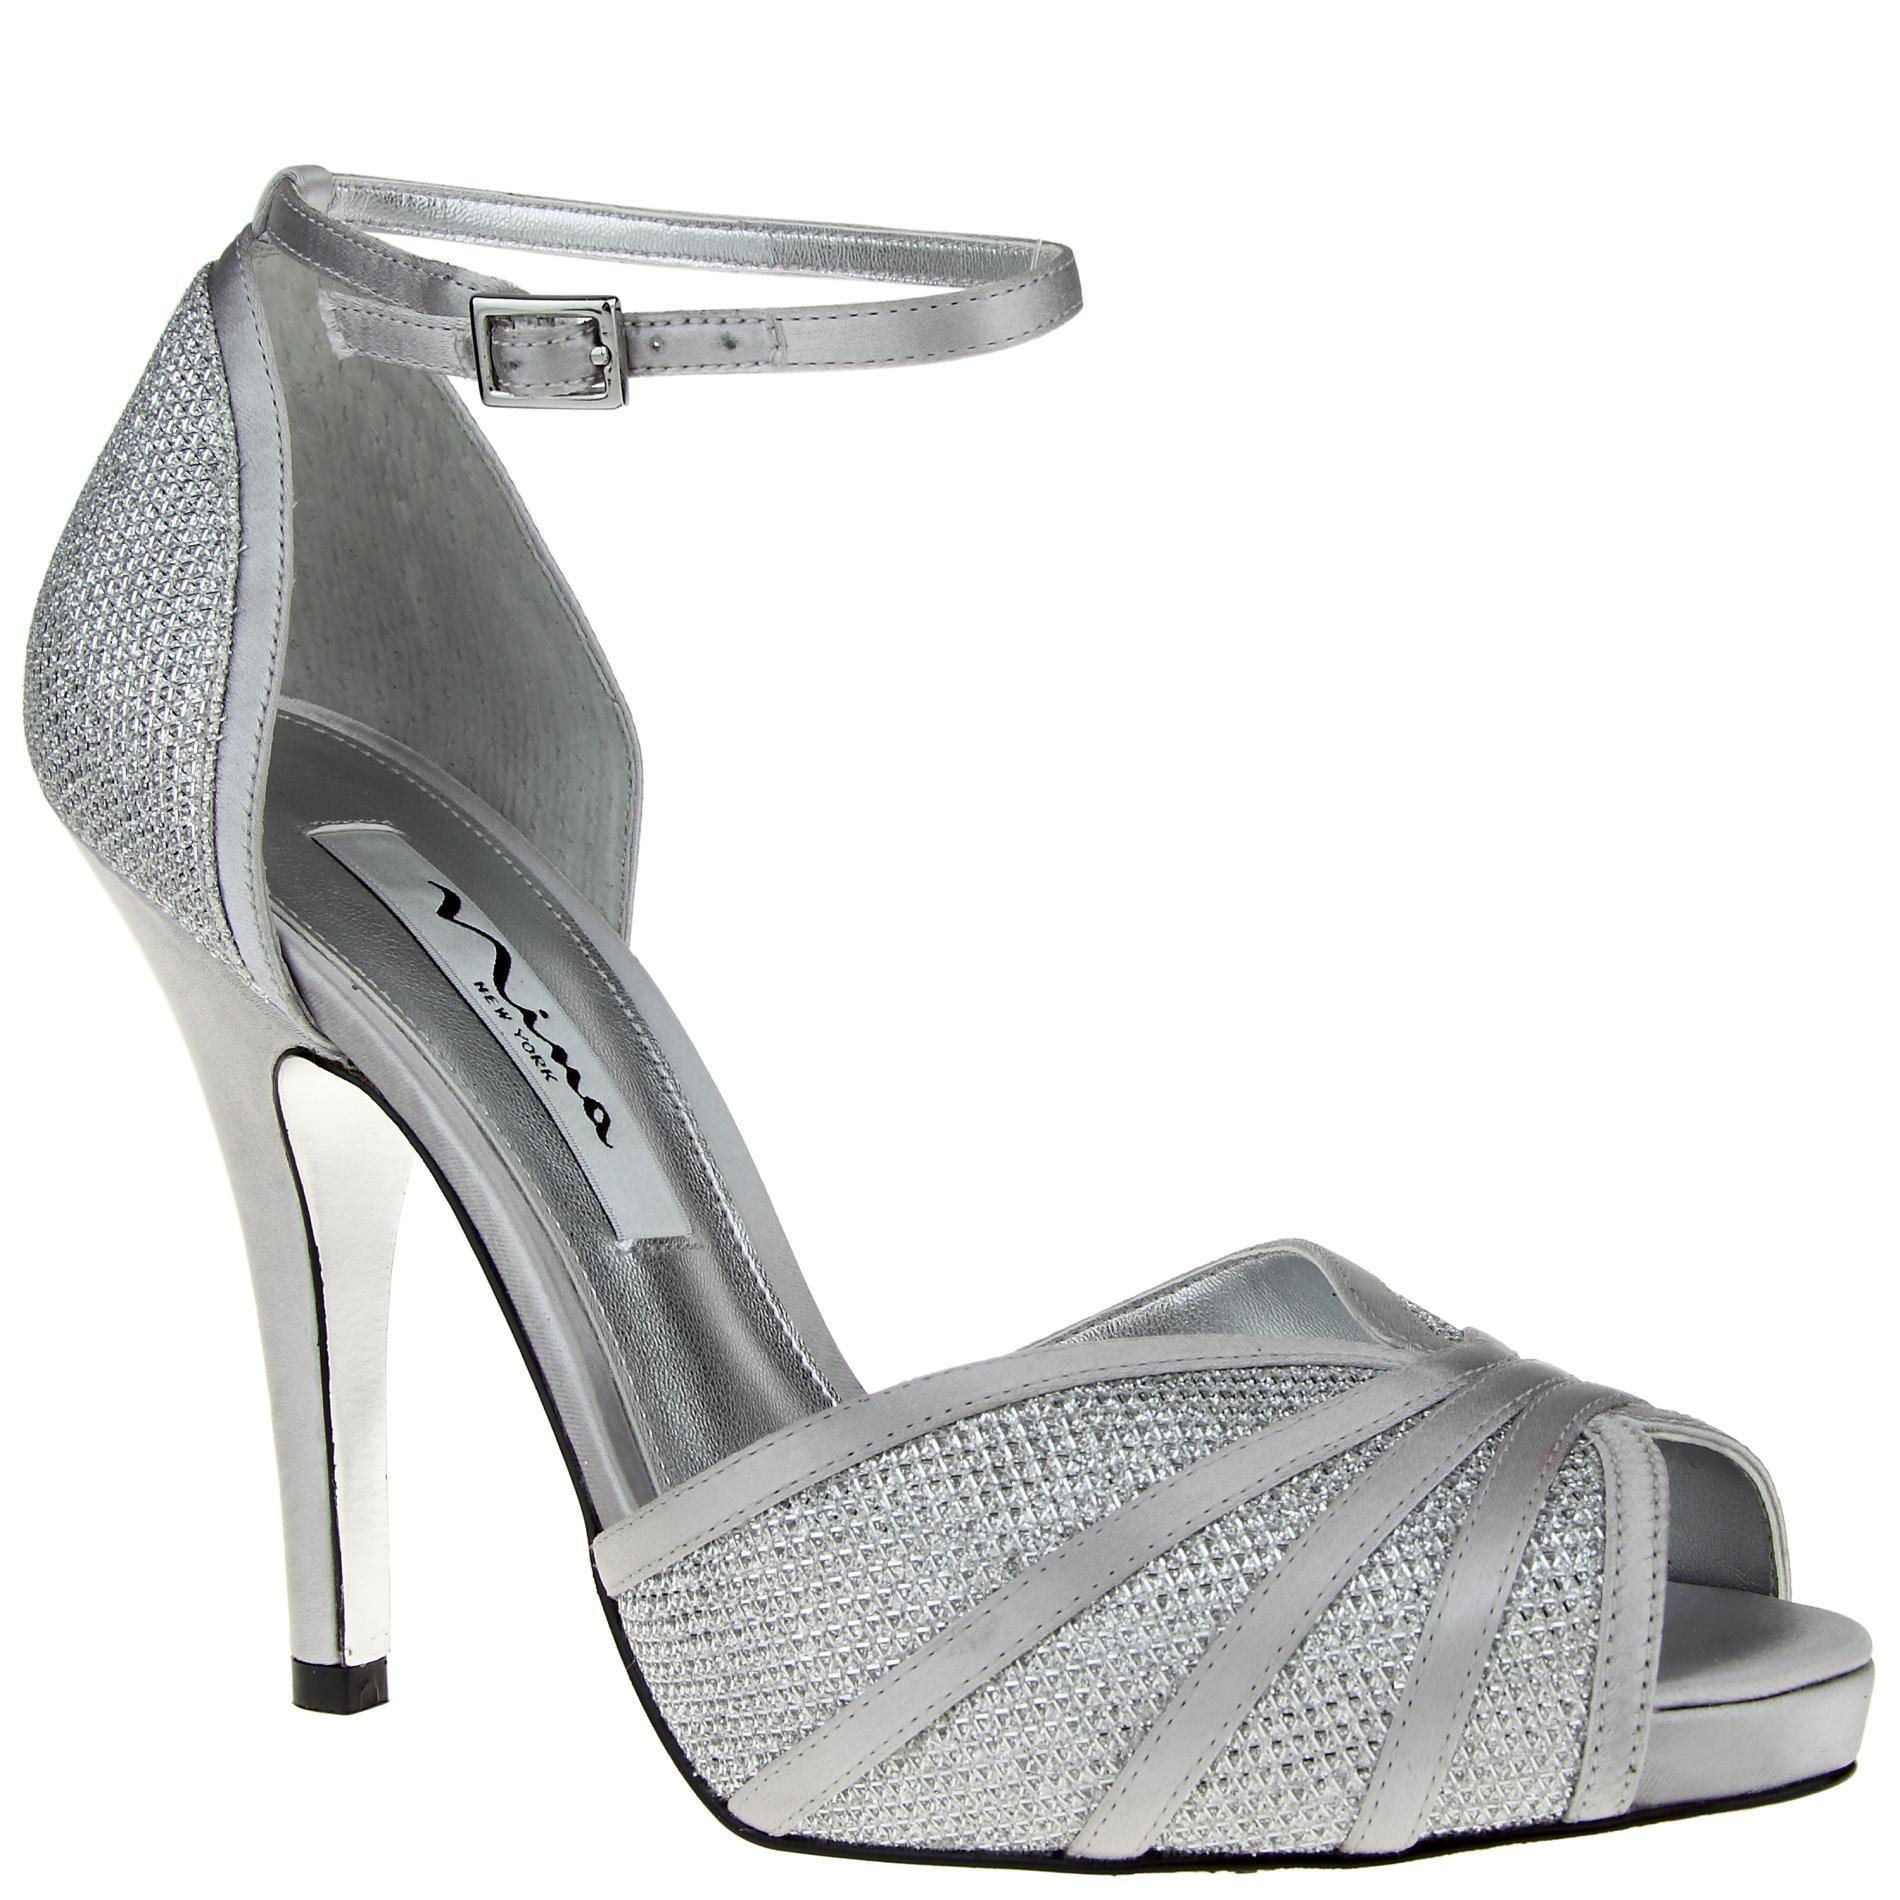 Nina Women's Elaine Silvertone Glitter High-Heel Shoe